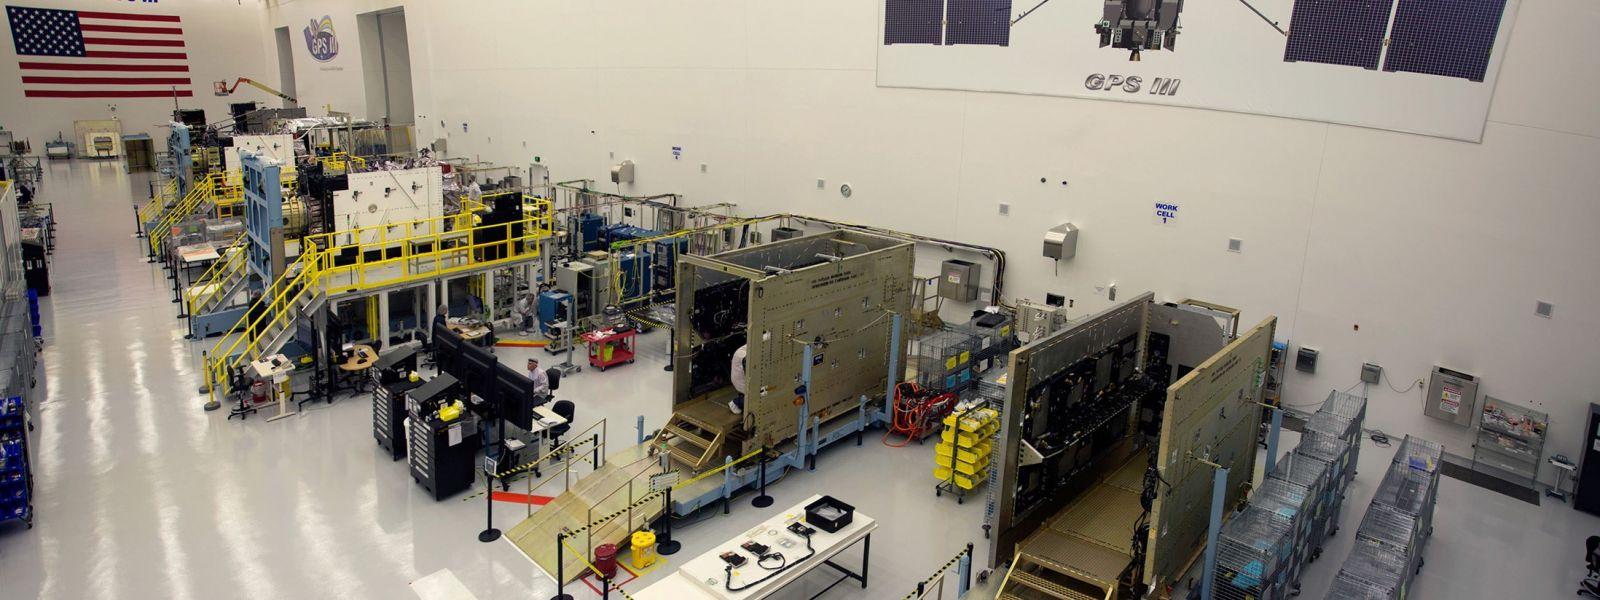 USAF GPS III satellite Lockheed Martin photo posted on SpaceFlight Insider